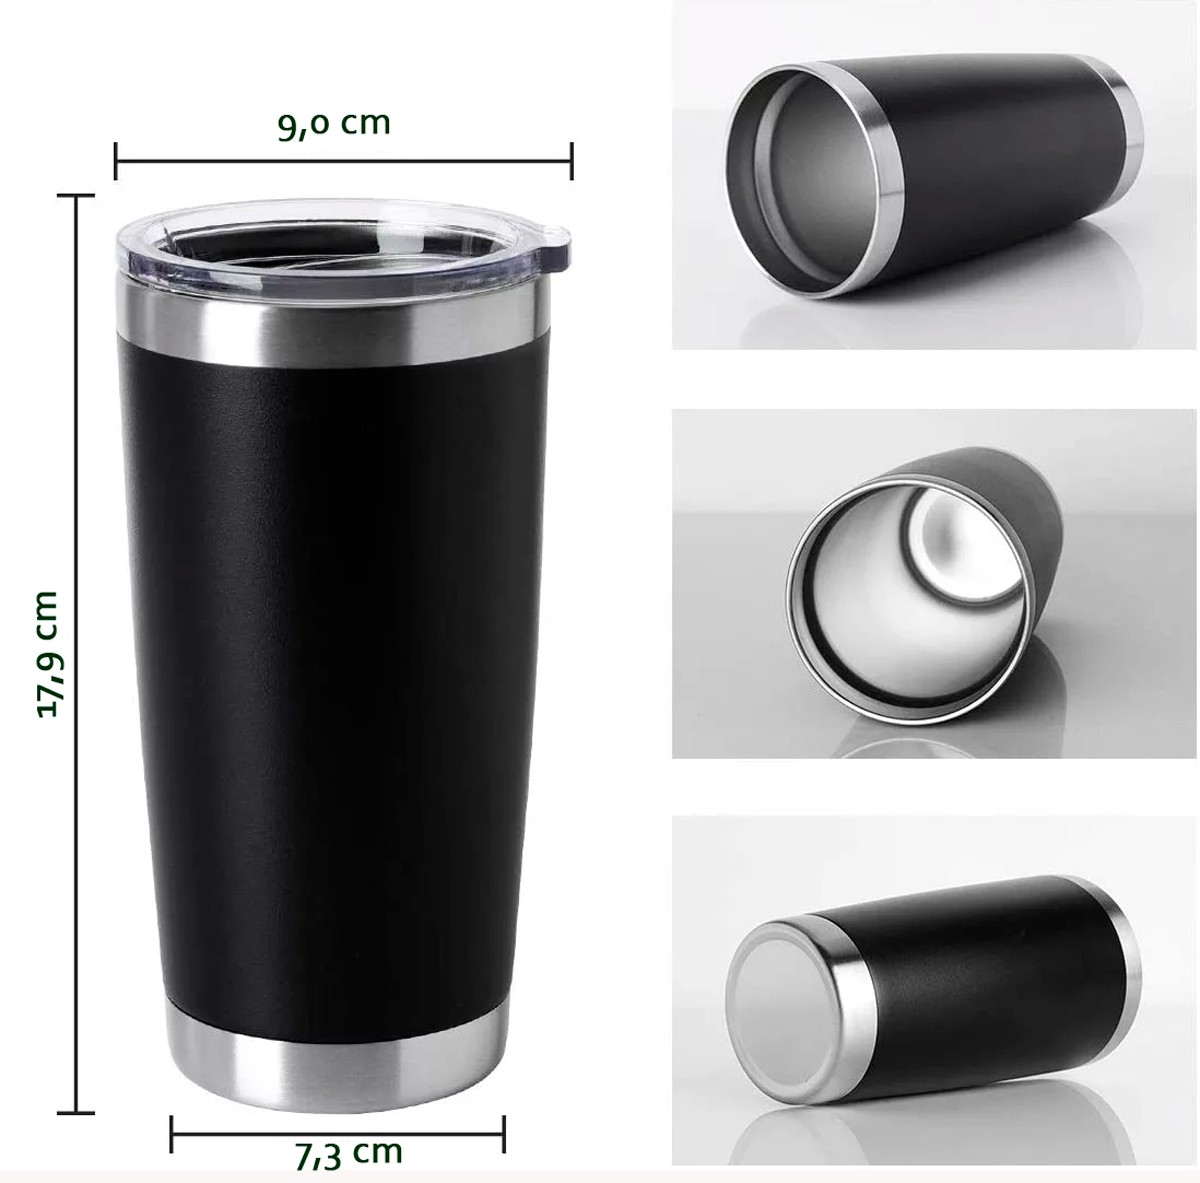 Copo Térmico Mug Life em Aço INOX com Paredes a Vácuo 600ml Mantém a Temperatura Quente e Frio